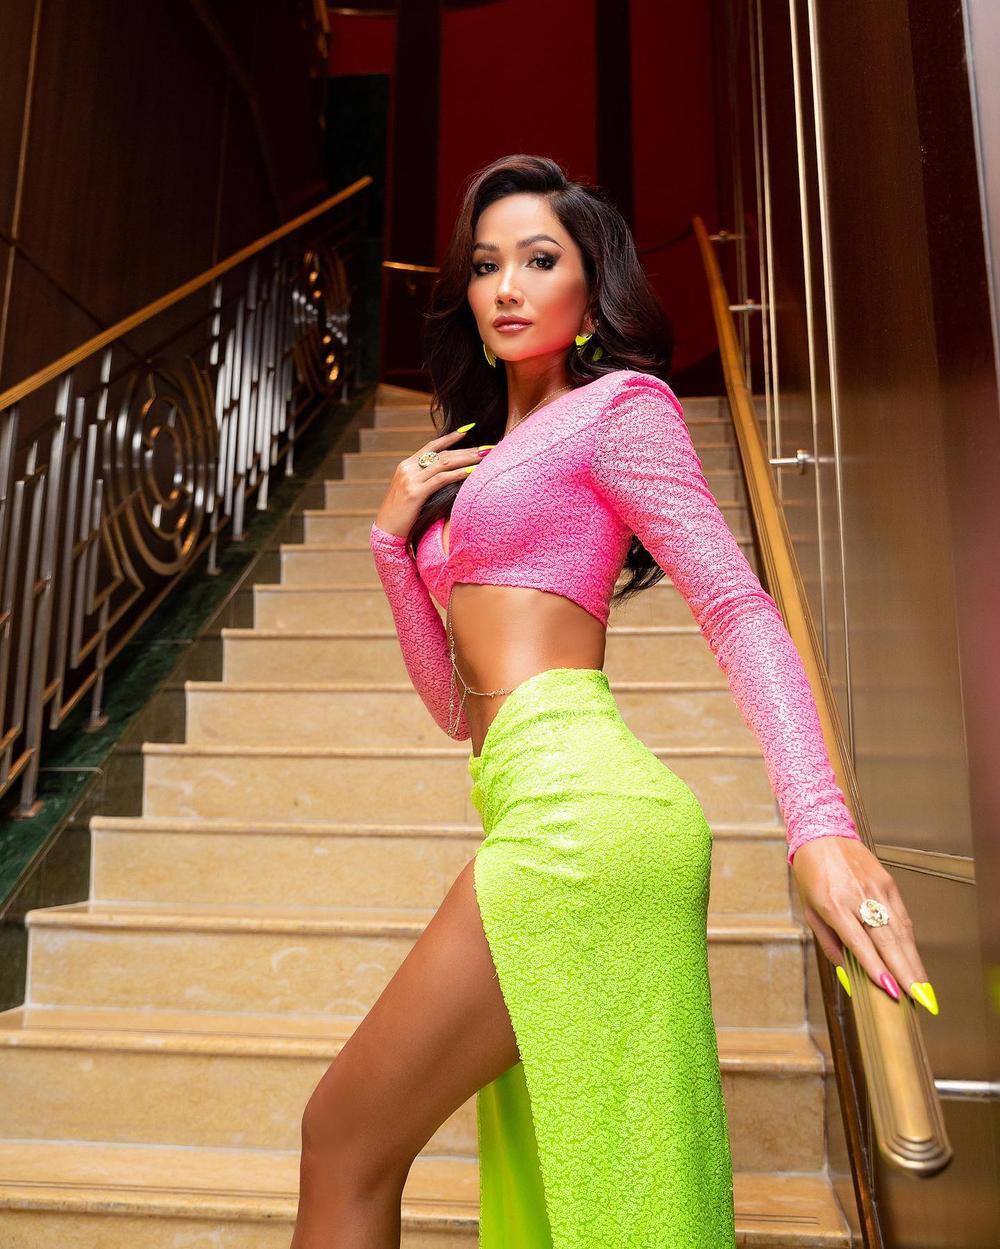 Hoa hậu H'Hen Niê diện váy xẻ cao cực hiểm, fan giật mình thon thót theo từng nhịp chân Ảnh 2